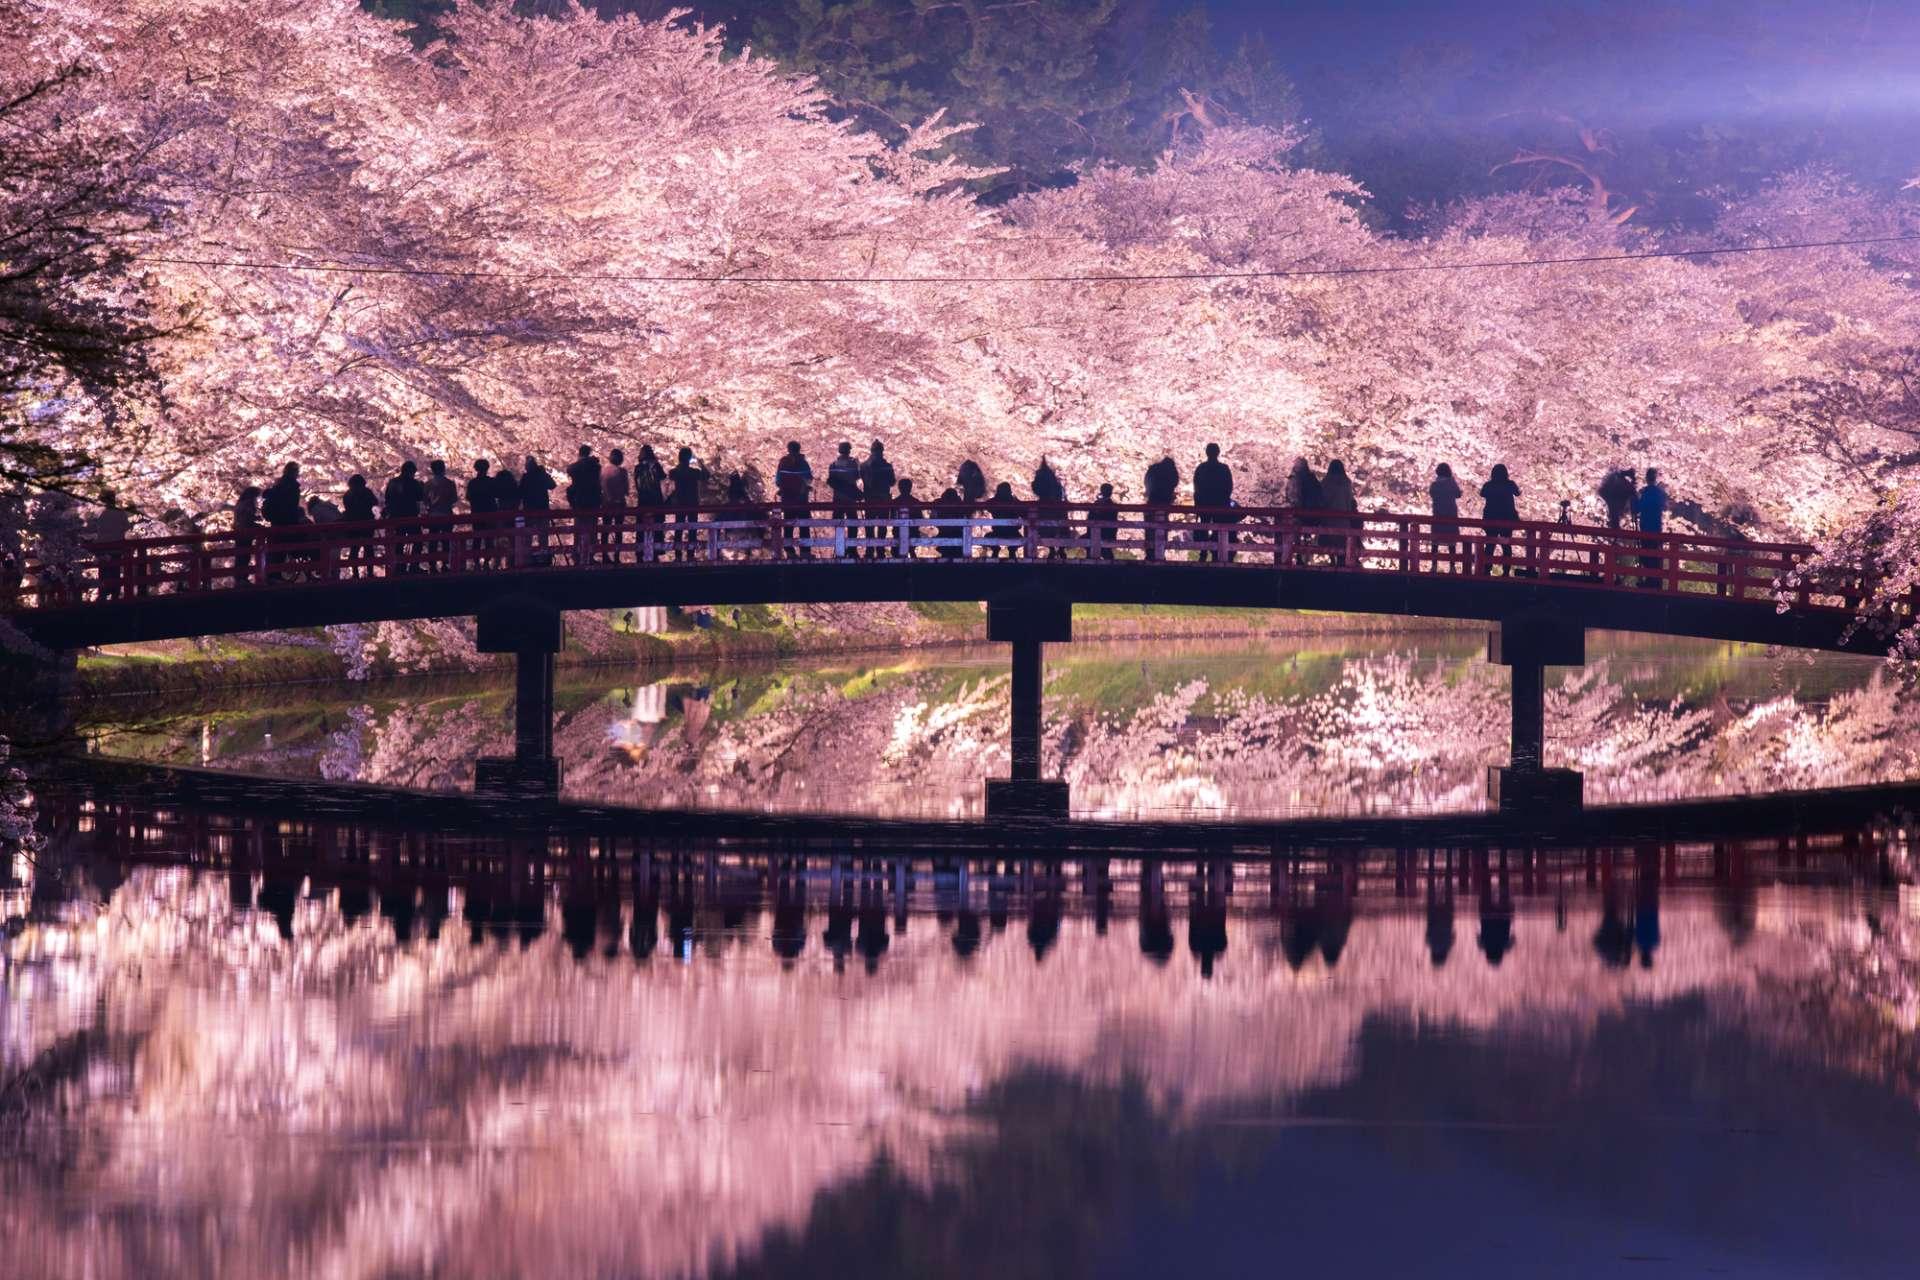 燈光下的櫻花如同夢幻一般